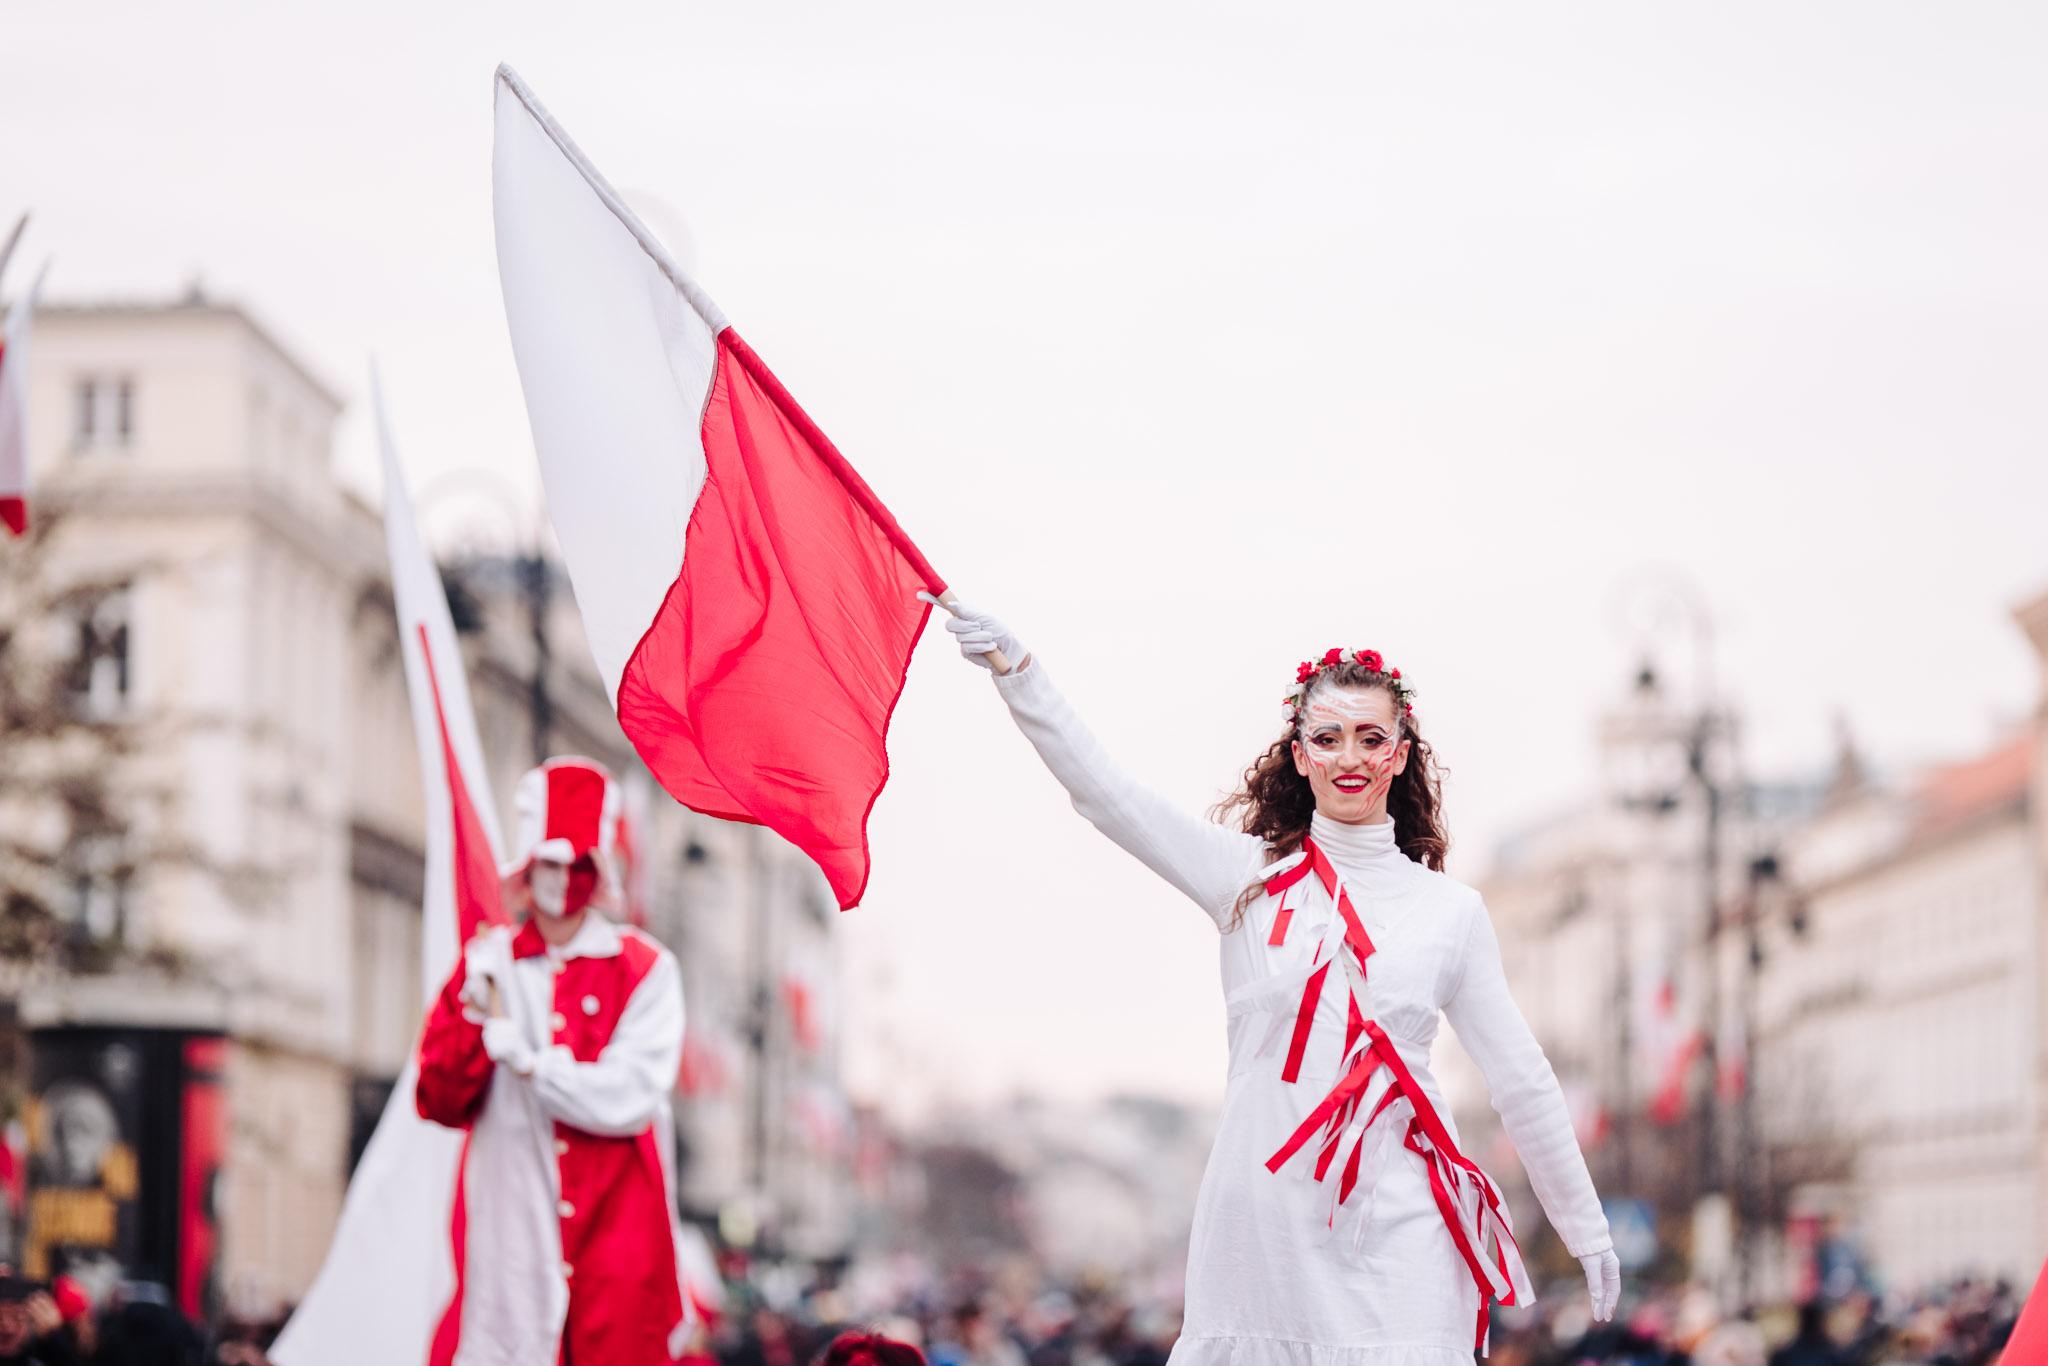 артисты на ходулях, марширующие по улицам в бело-красных костюмах, на переднем плане улыбающаяся женщина, размахивающая польским флагом